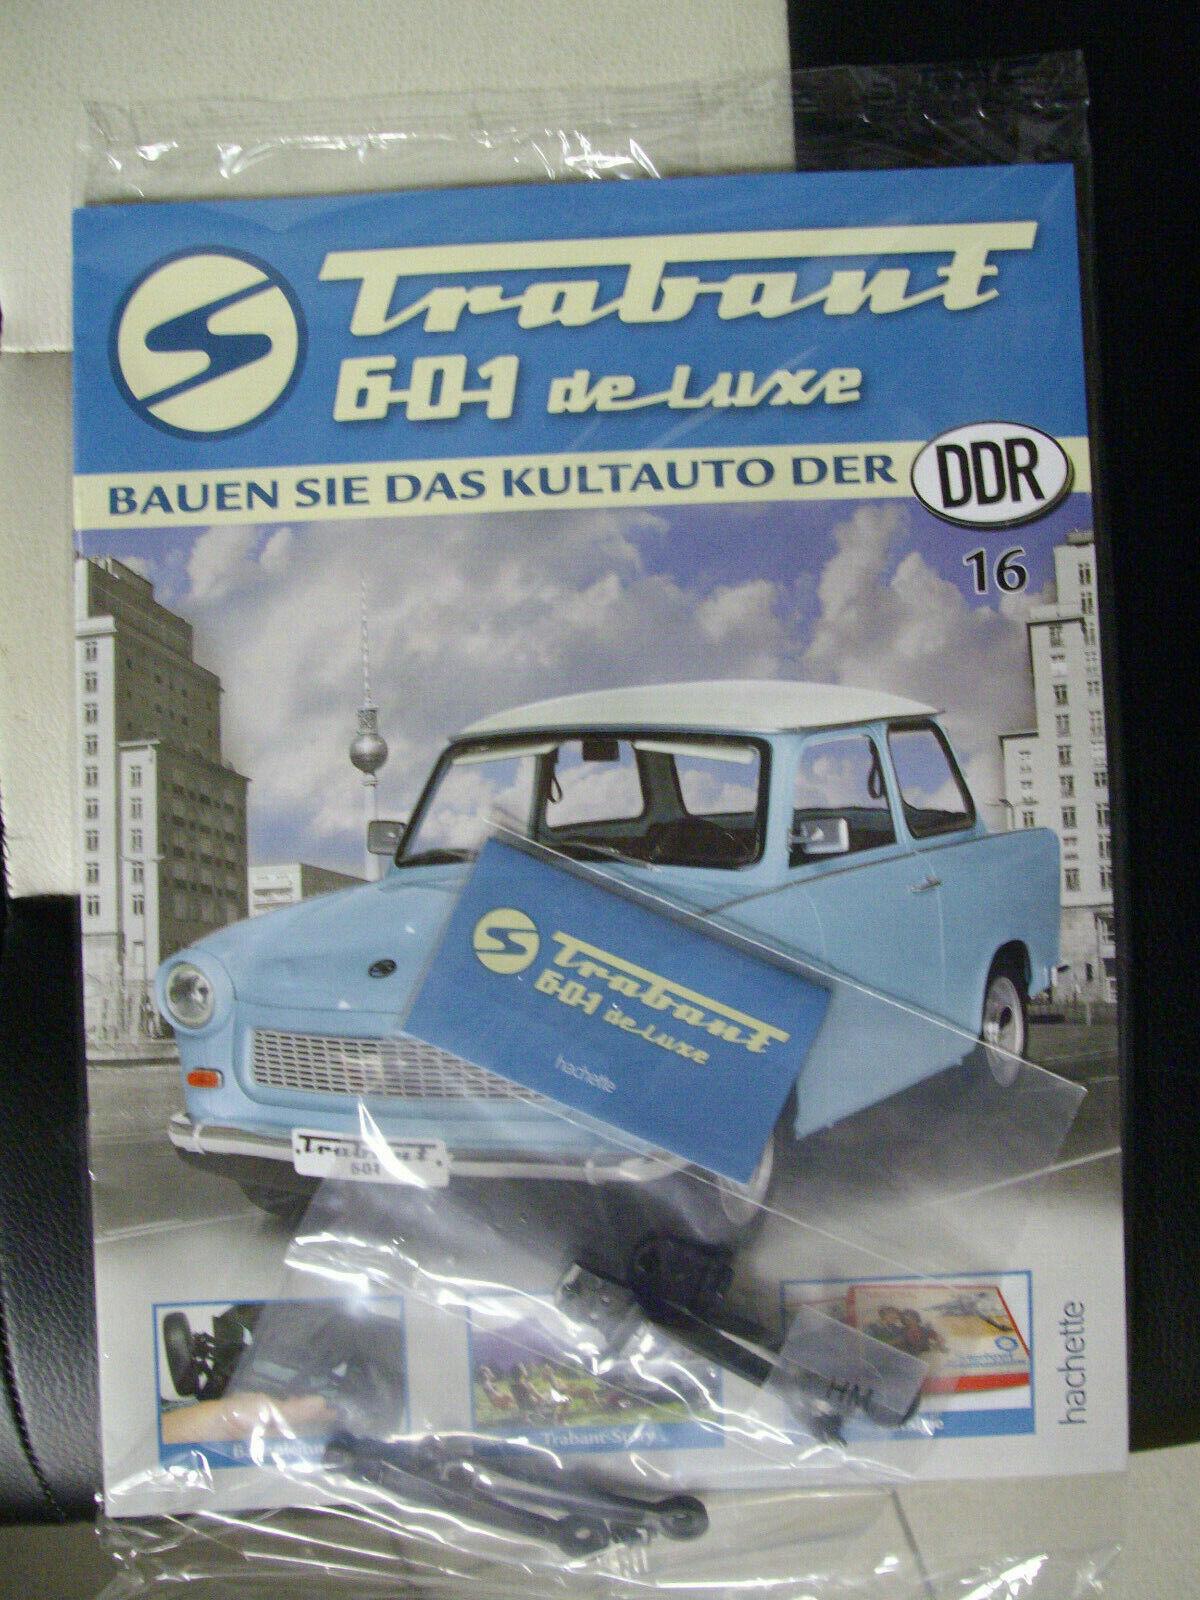 Bau das Kultauto der DDR den Trabant 601 de Luxe-Ausgabe 16